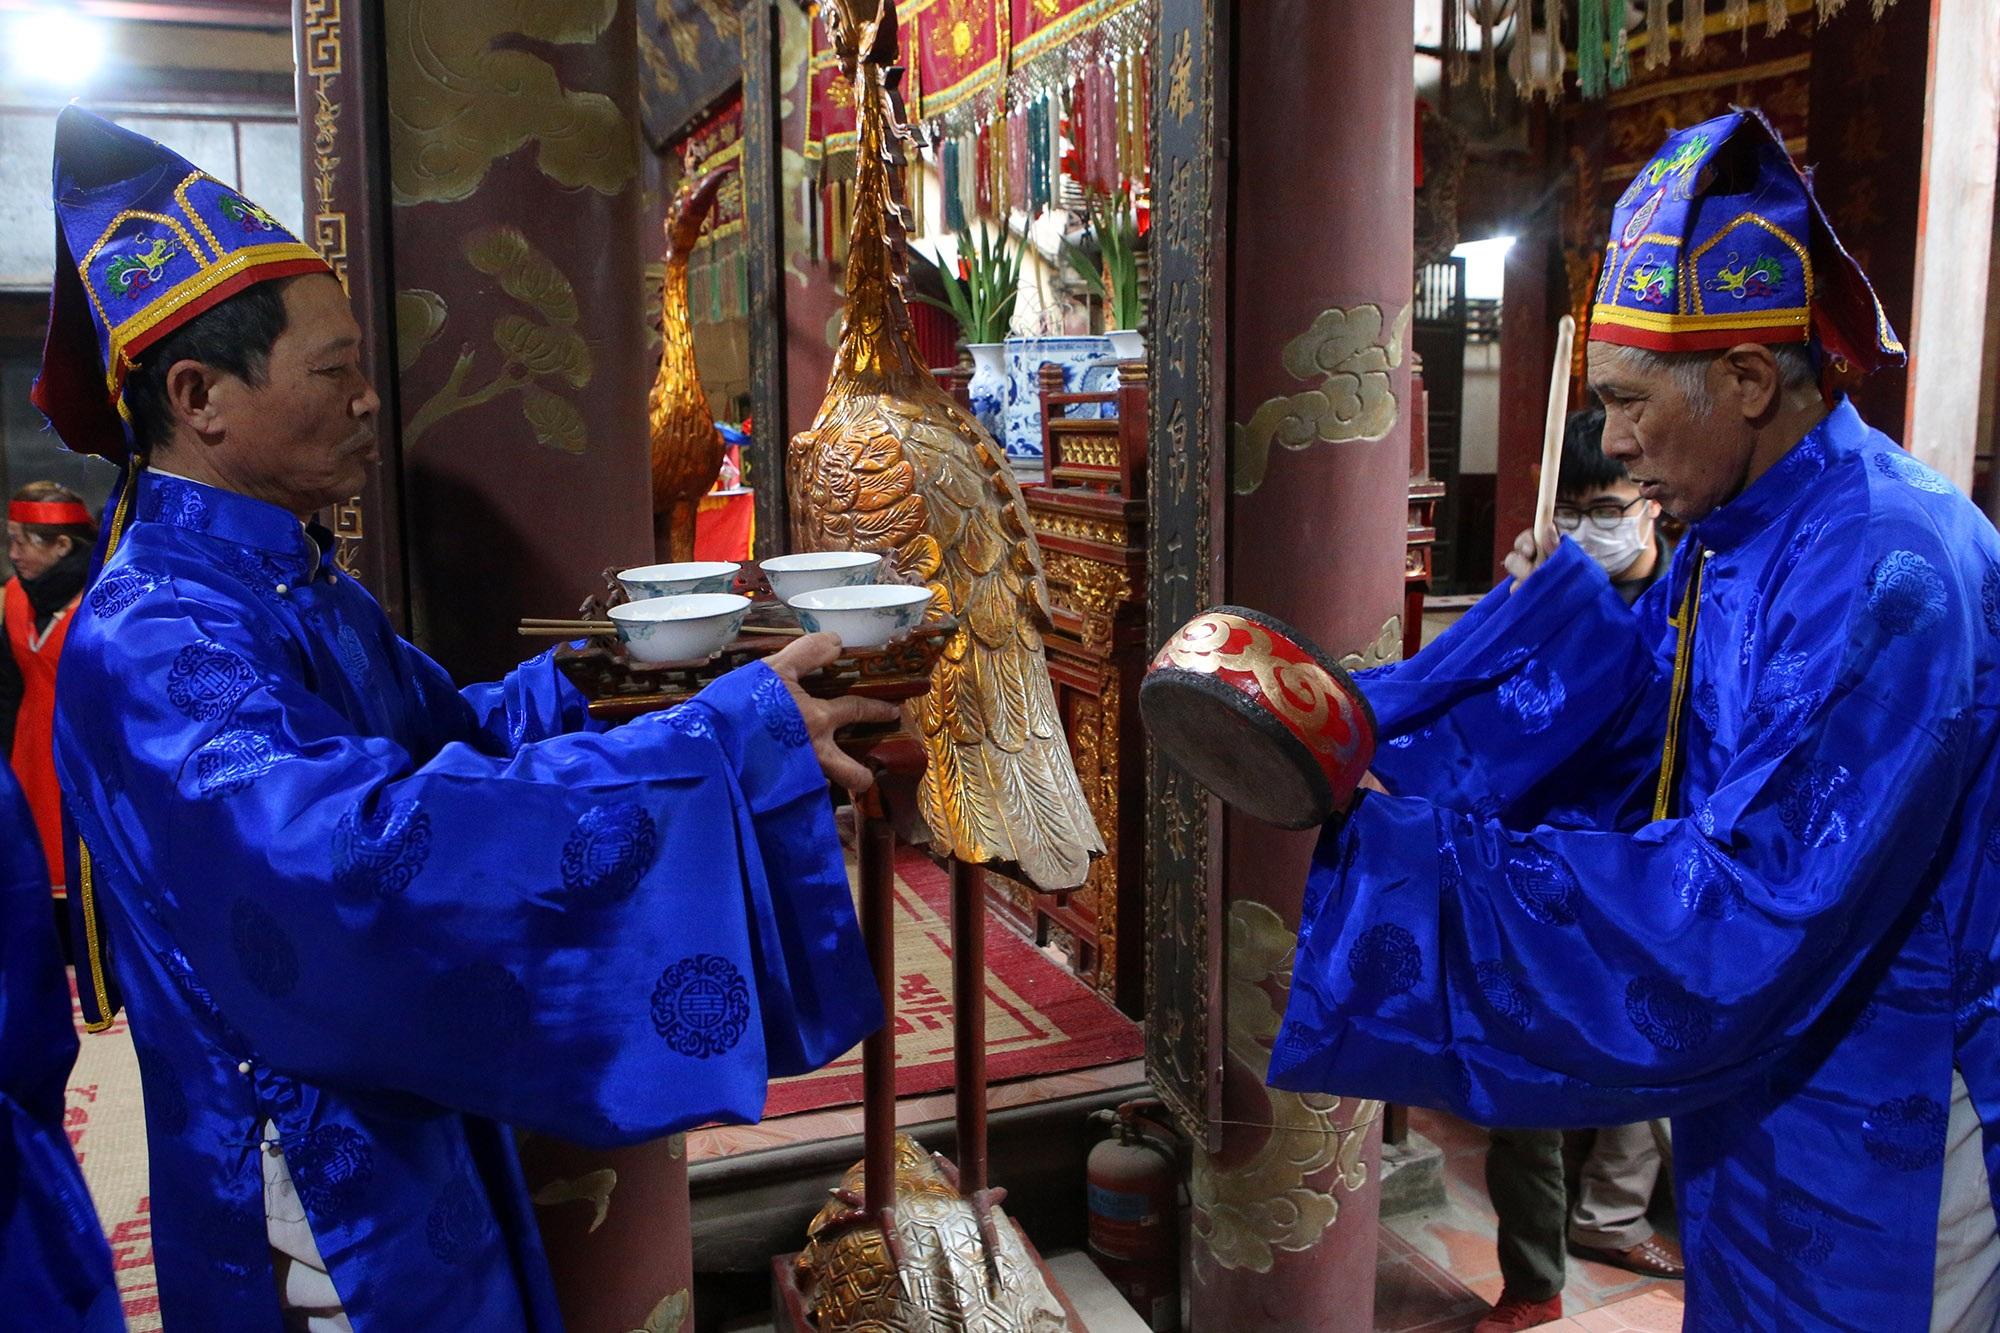 Hình ảnh đặc biệt trong lễ thổi cơm cổ xưa ít phút trước lệnh cấm vì virus corona - 15